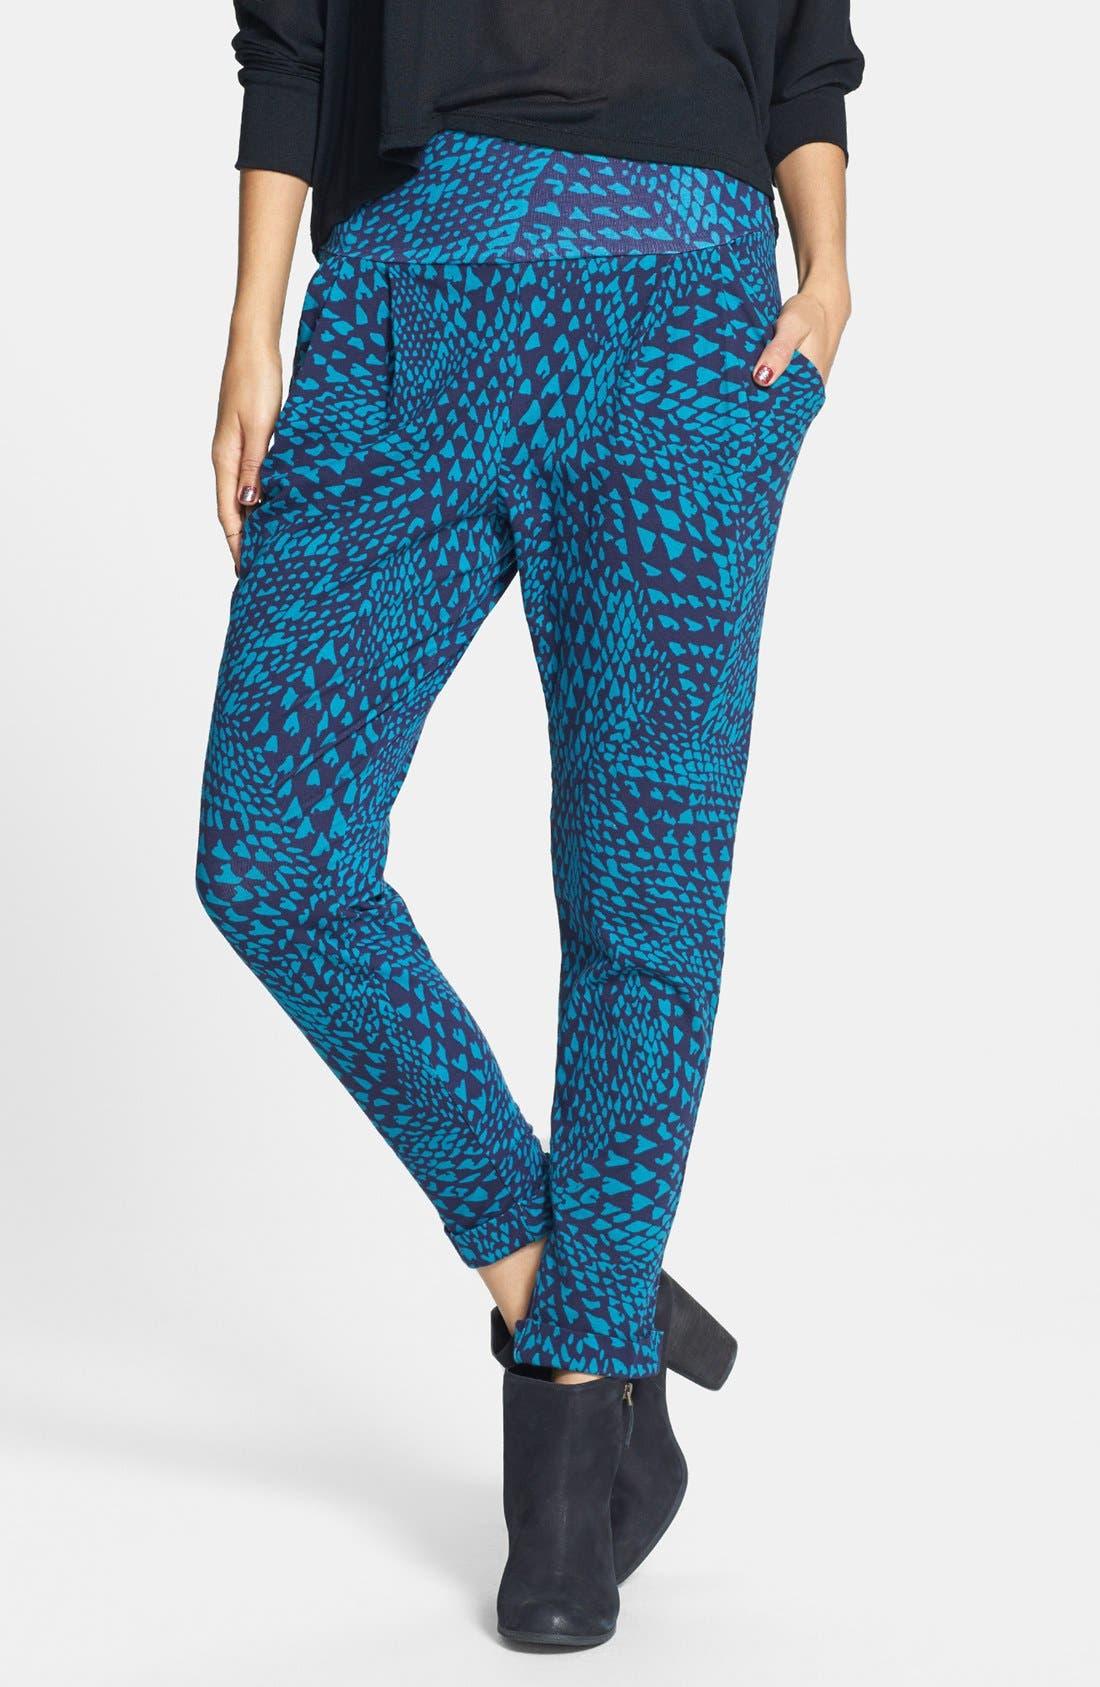 Pleat Knit Slouchy Pants,                         Main,                         color, Blue Print